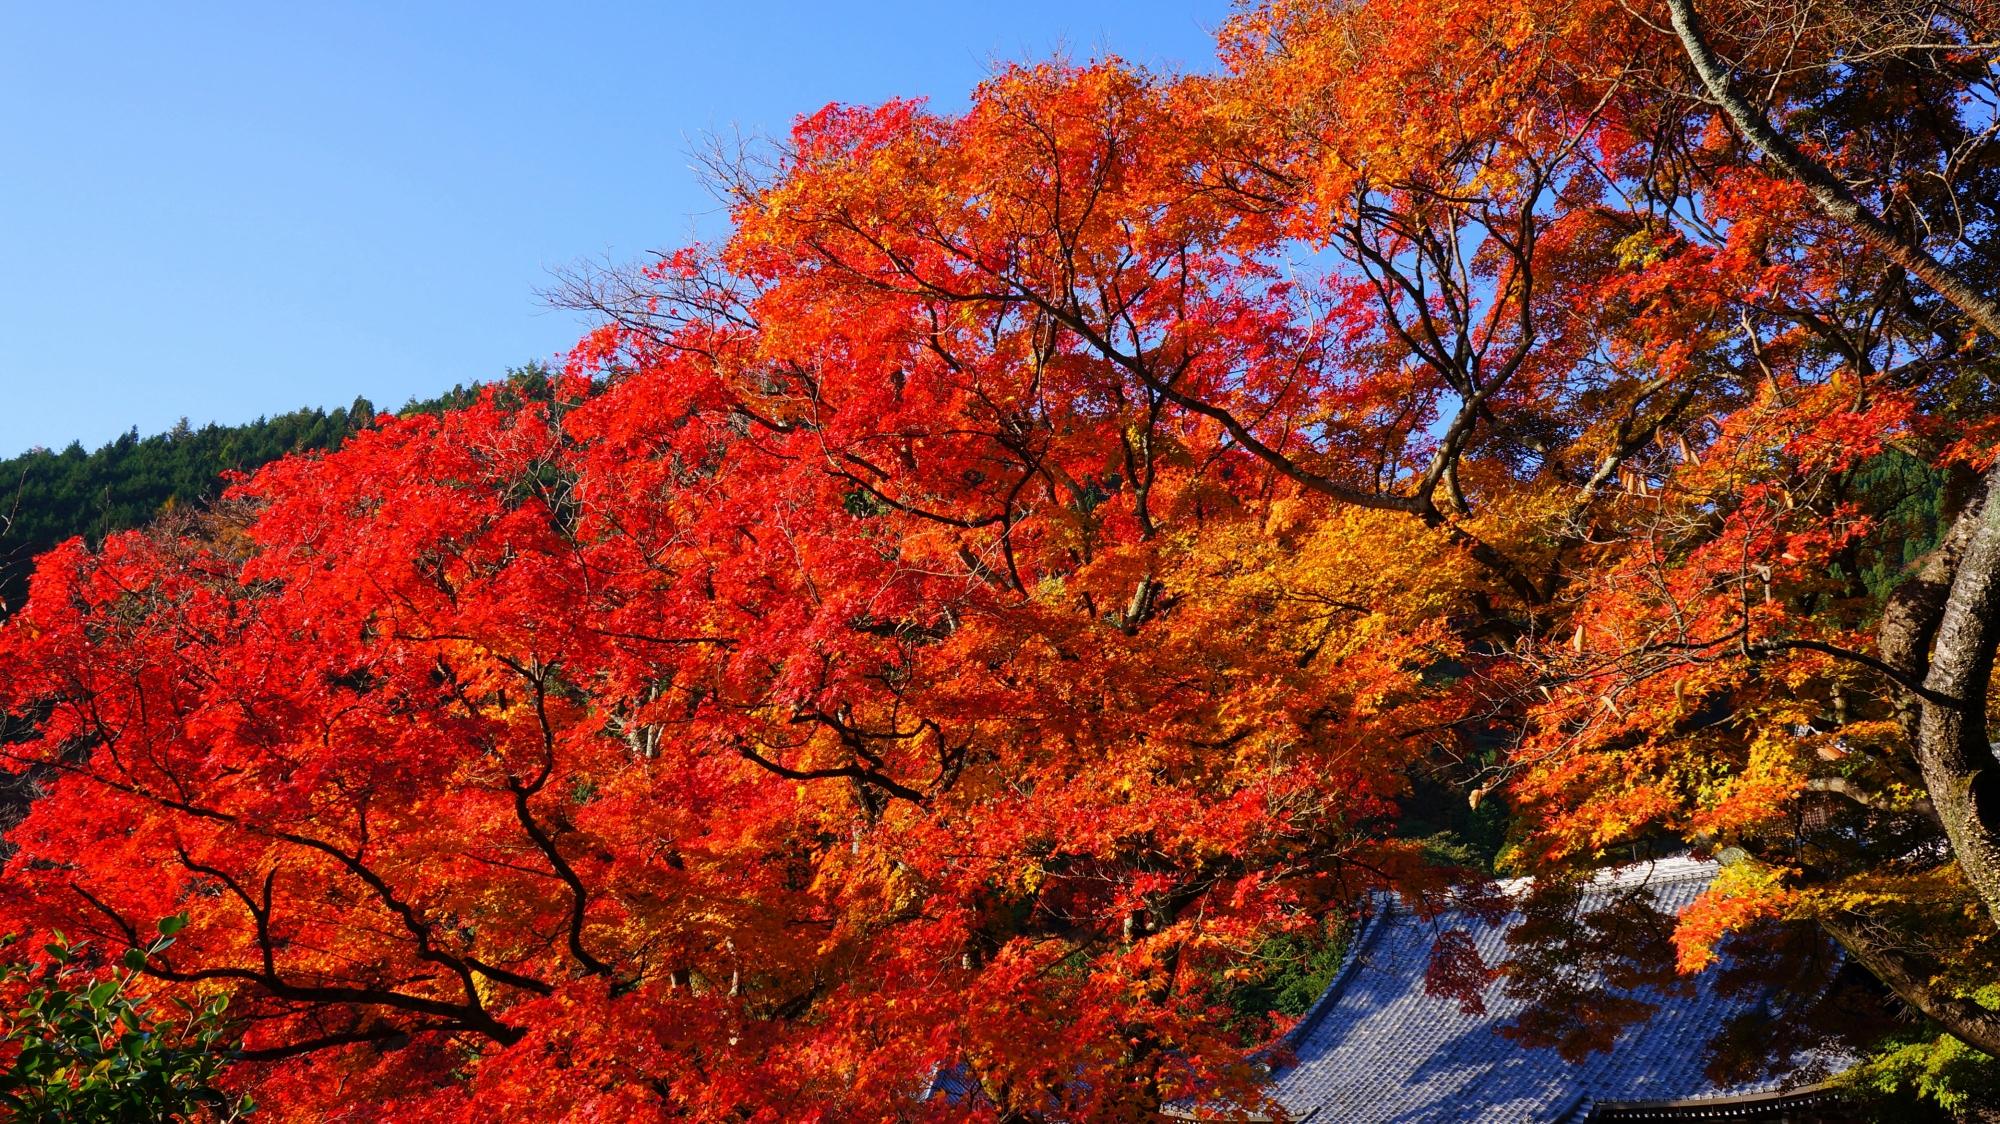 善峯寺の護摩堂と紅葉